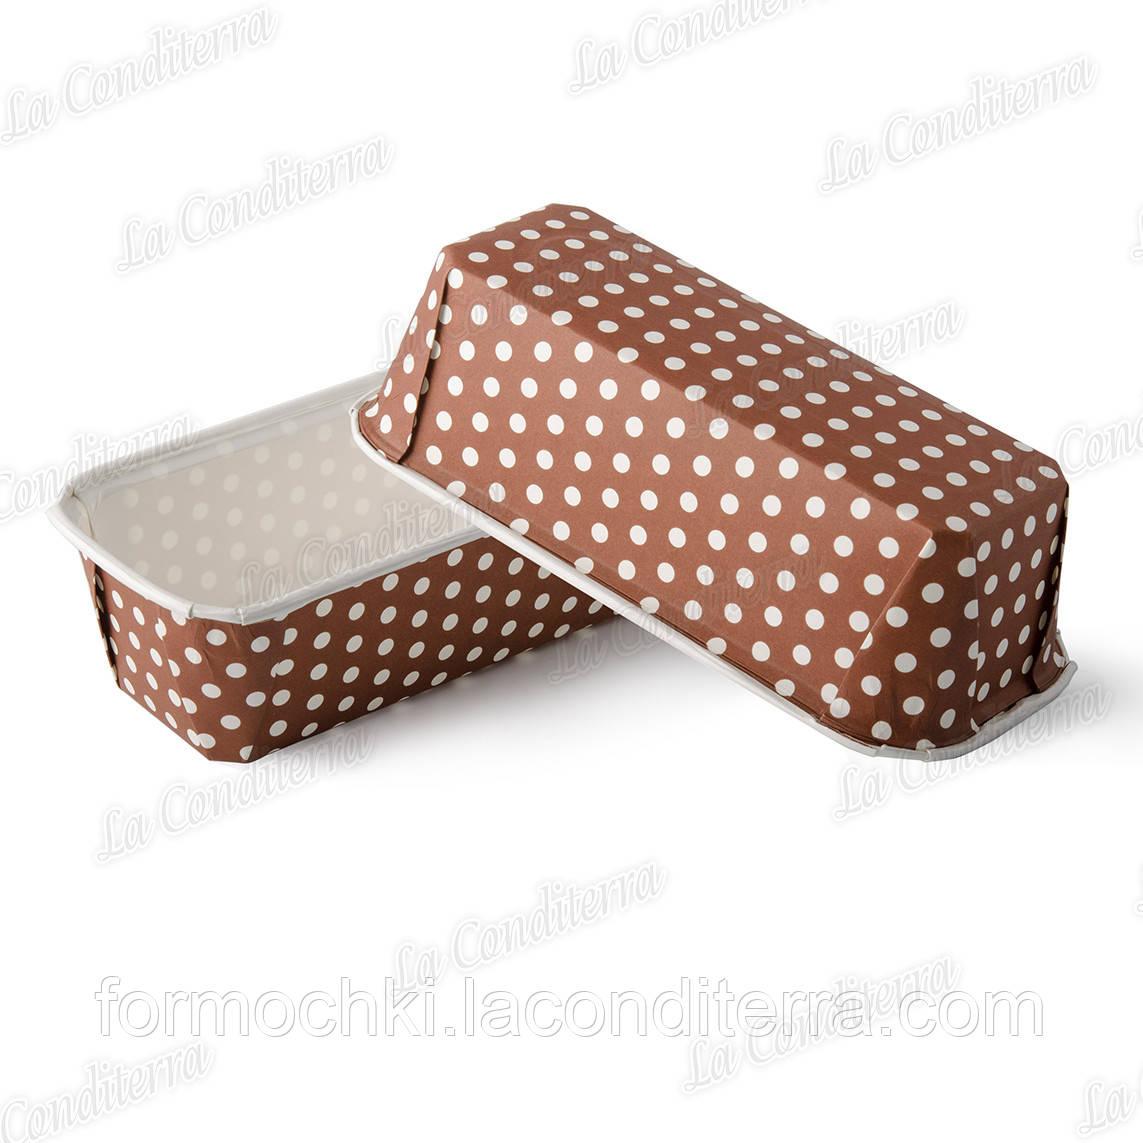 Бумажные формы для выпечки кексов и пирогов, Plumpy прямоугольные 158x55x52 мм